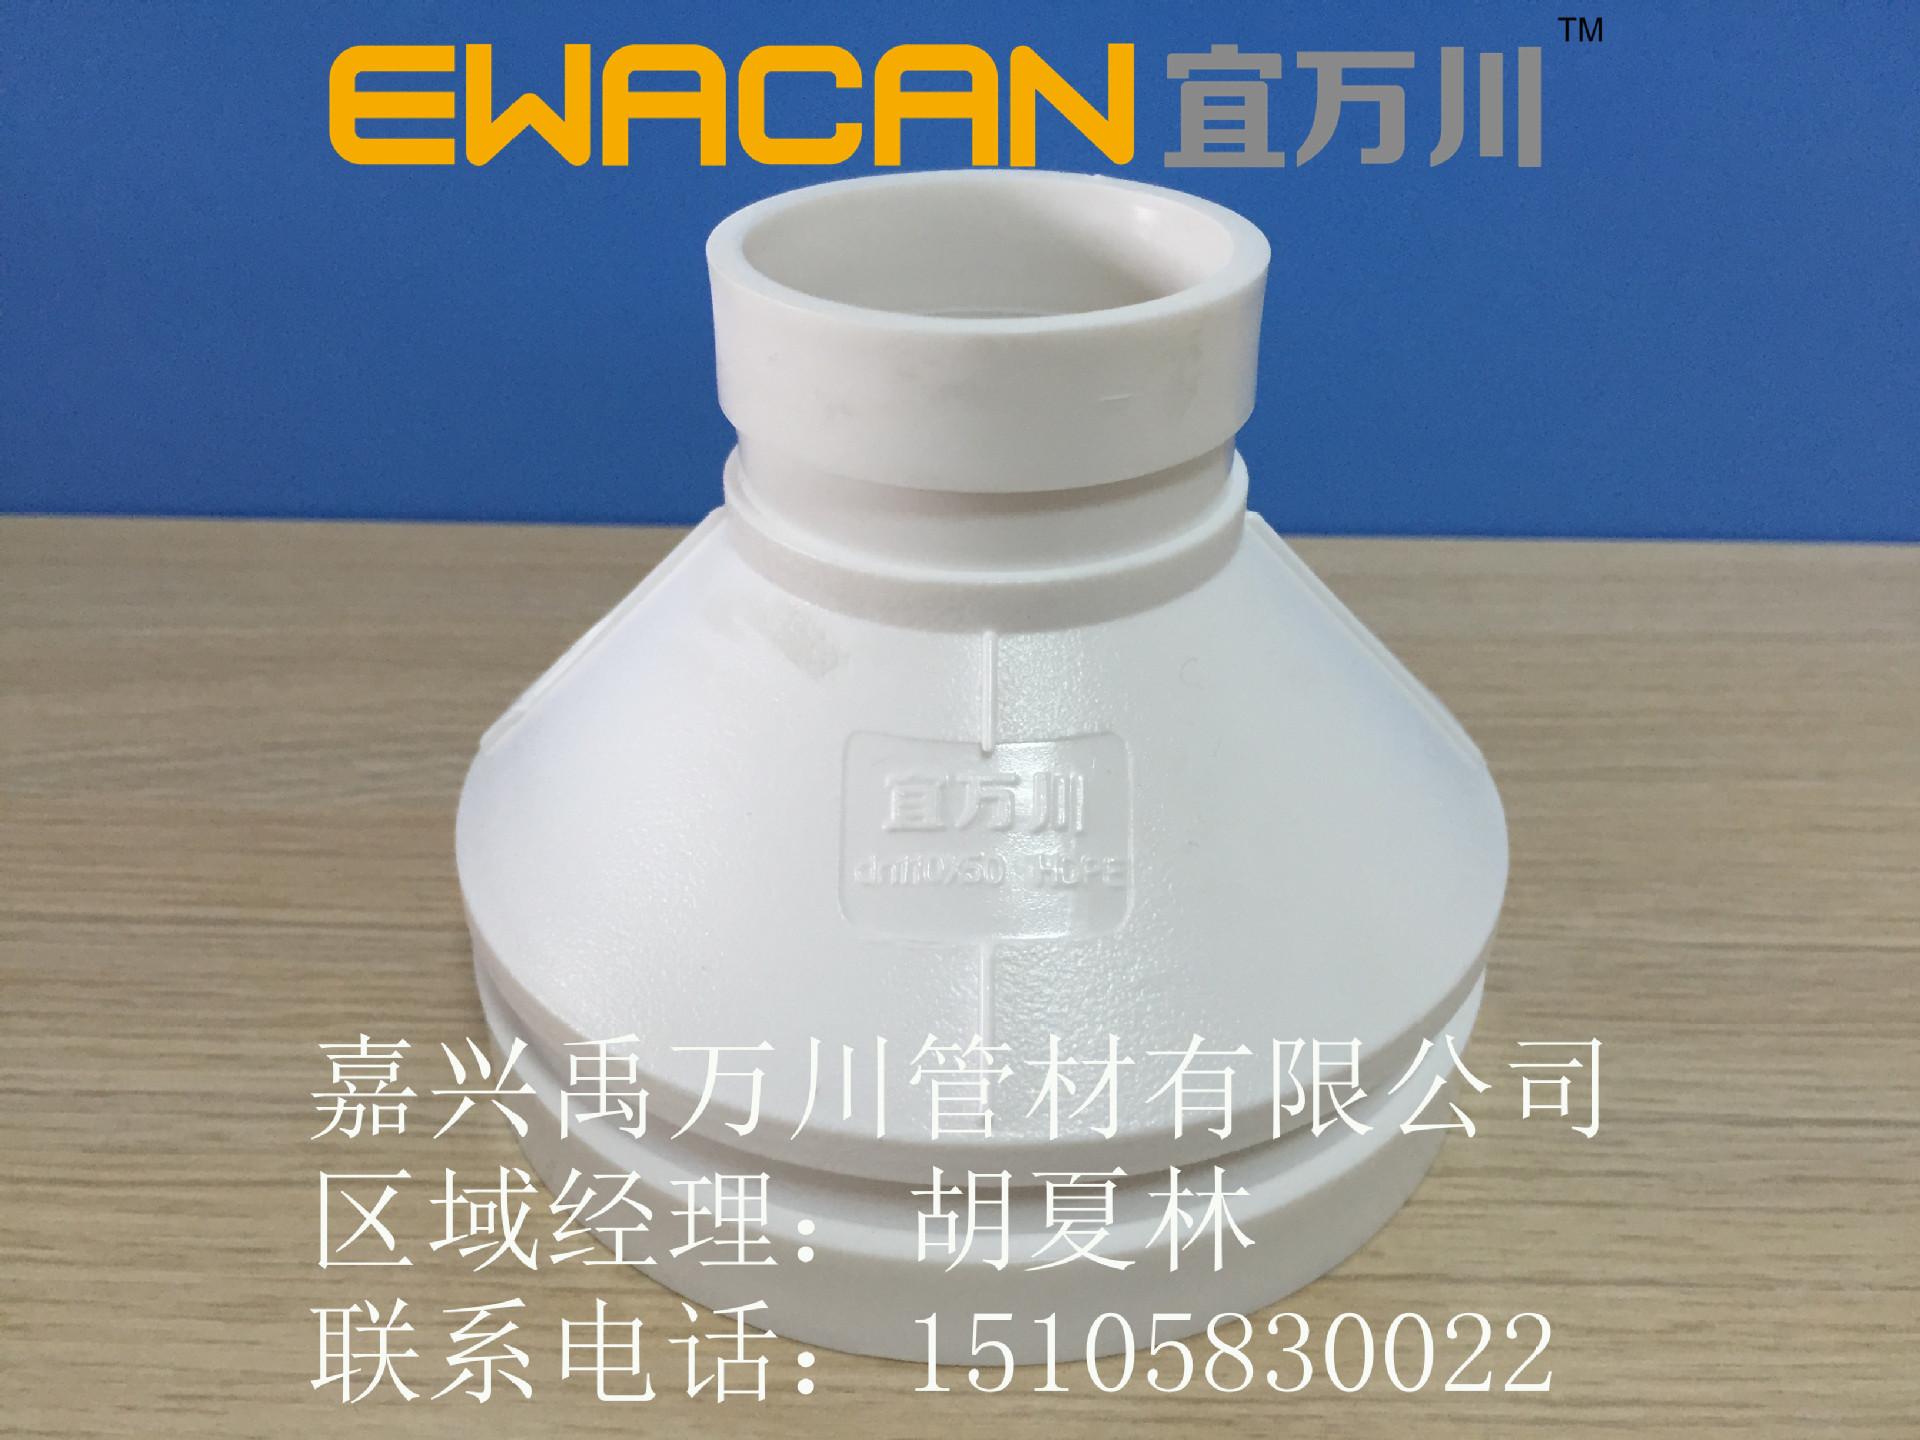 沟槽式HDPE超静音排水管,HDPE沟槽静音排水管,FRPP法兰静音排水示例图7